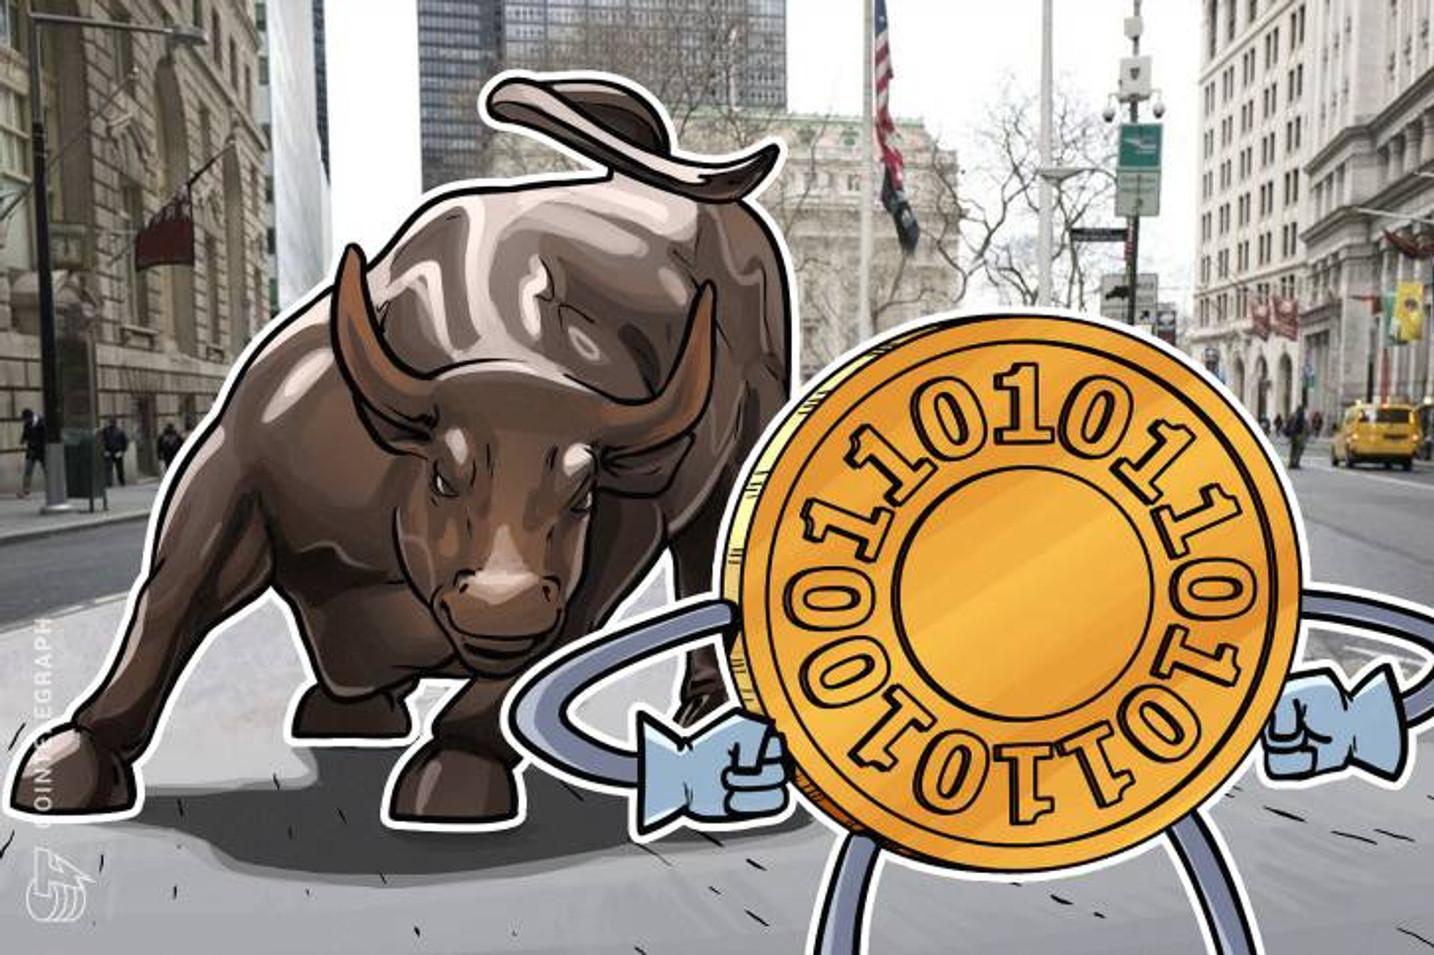 米メディア大手コムキャスト「ブロックチェーンはキラーアプリの登場待ち」ビットコインにも強気